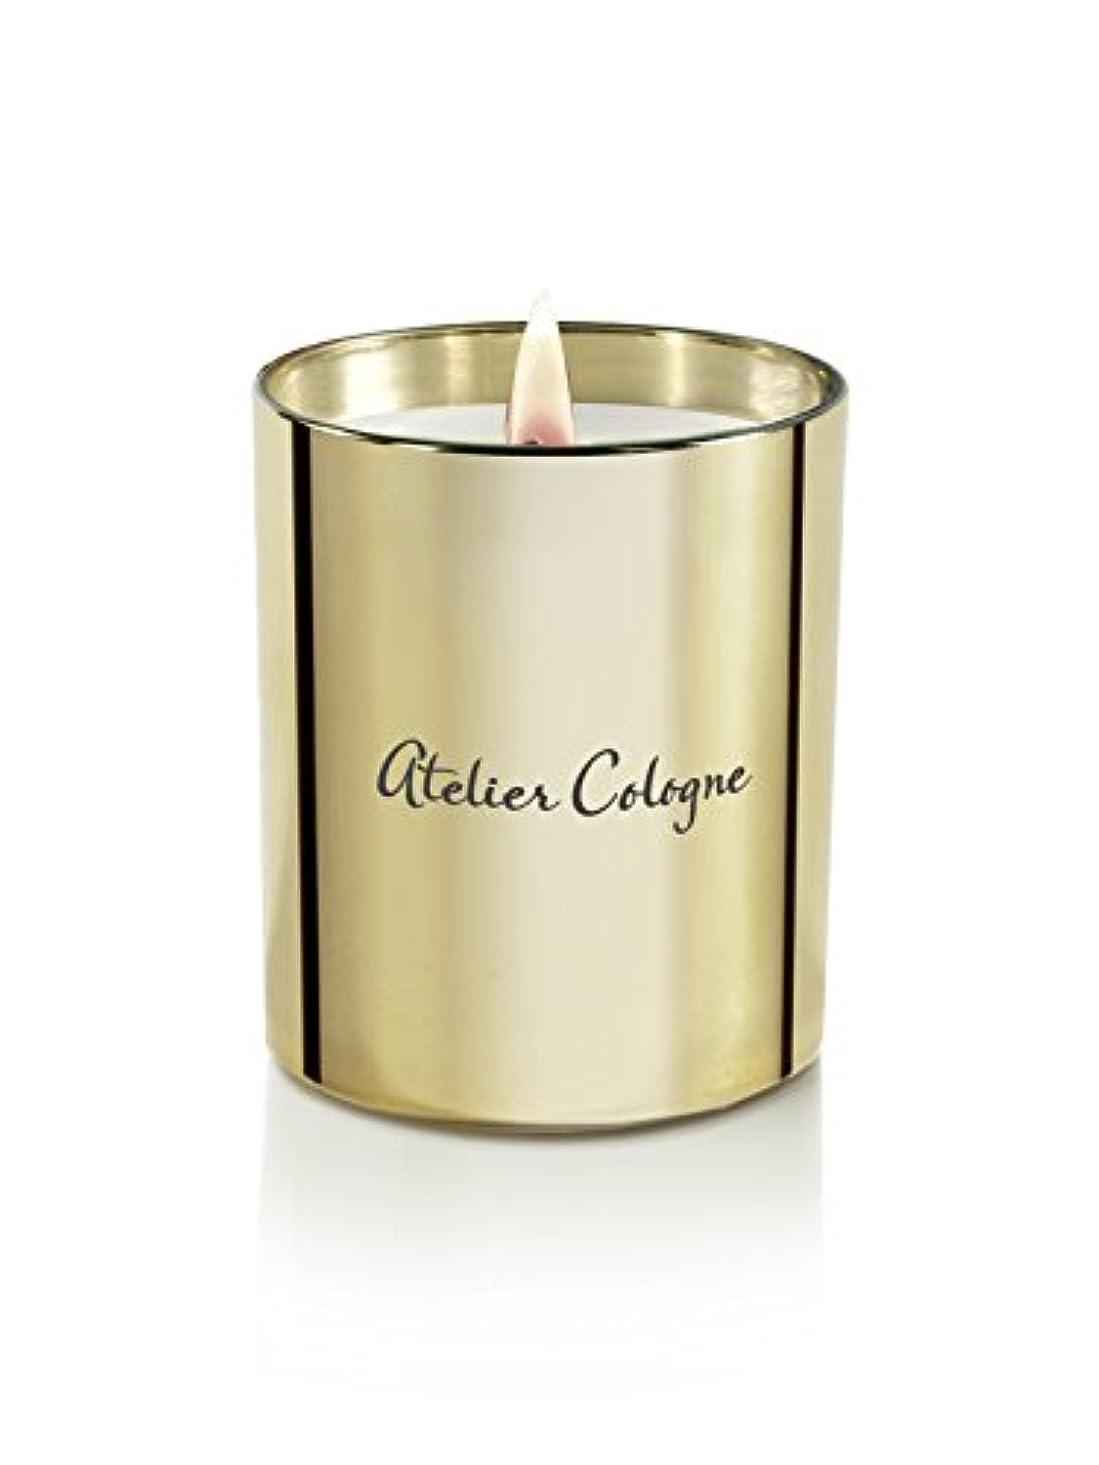 終点曲線化学アトリエコロン Bougie Candle - Gold Leather 190g/6.7oz並行輸入品